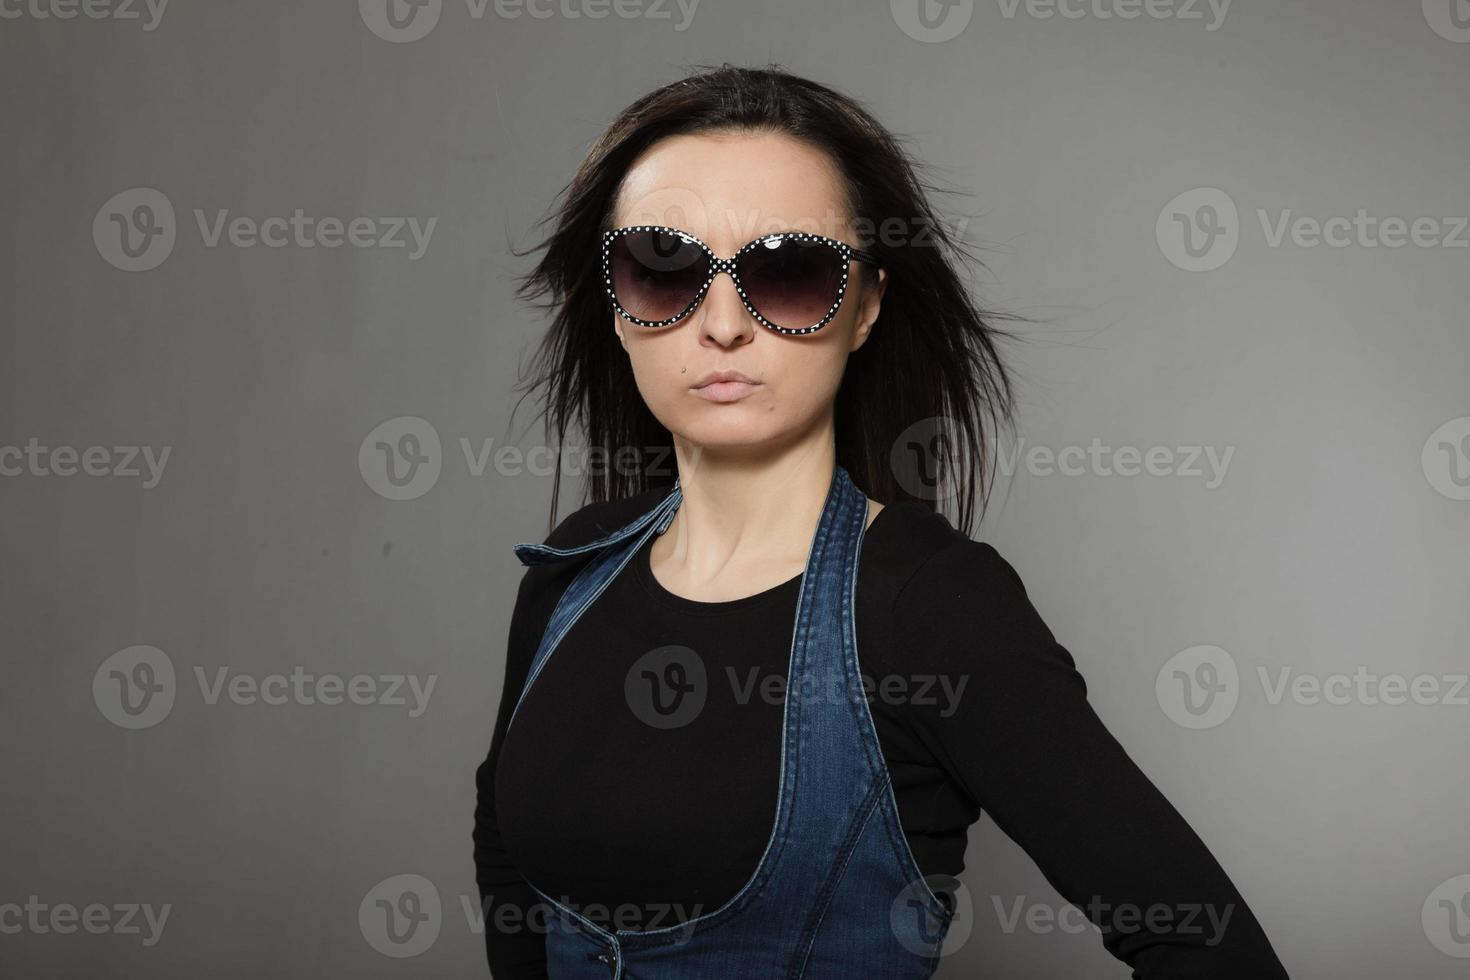 Retrato de moda de mujer bonita joven con estilo con cabello castaño. foto